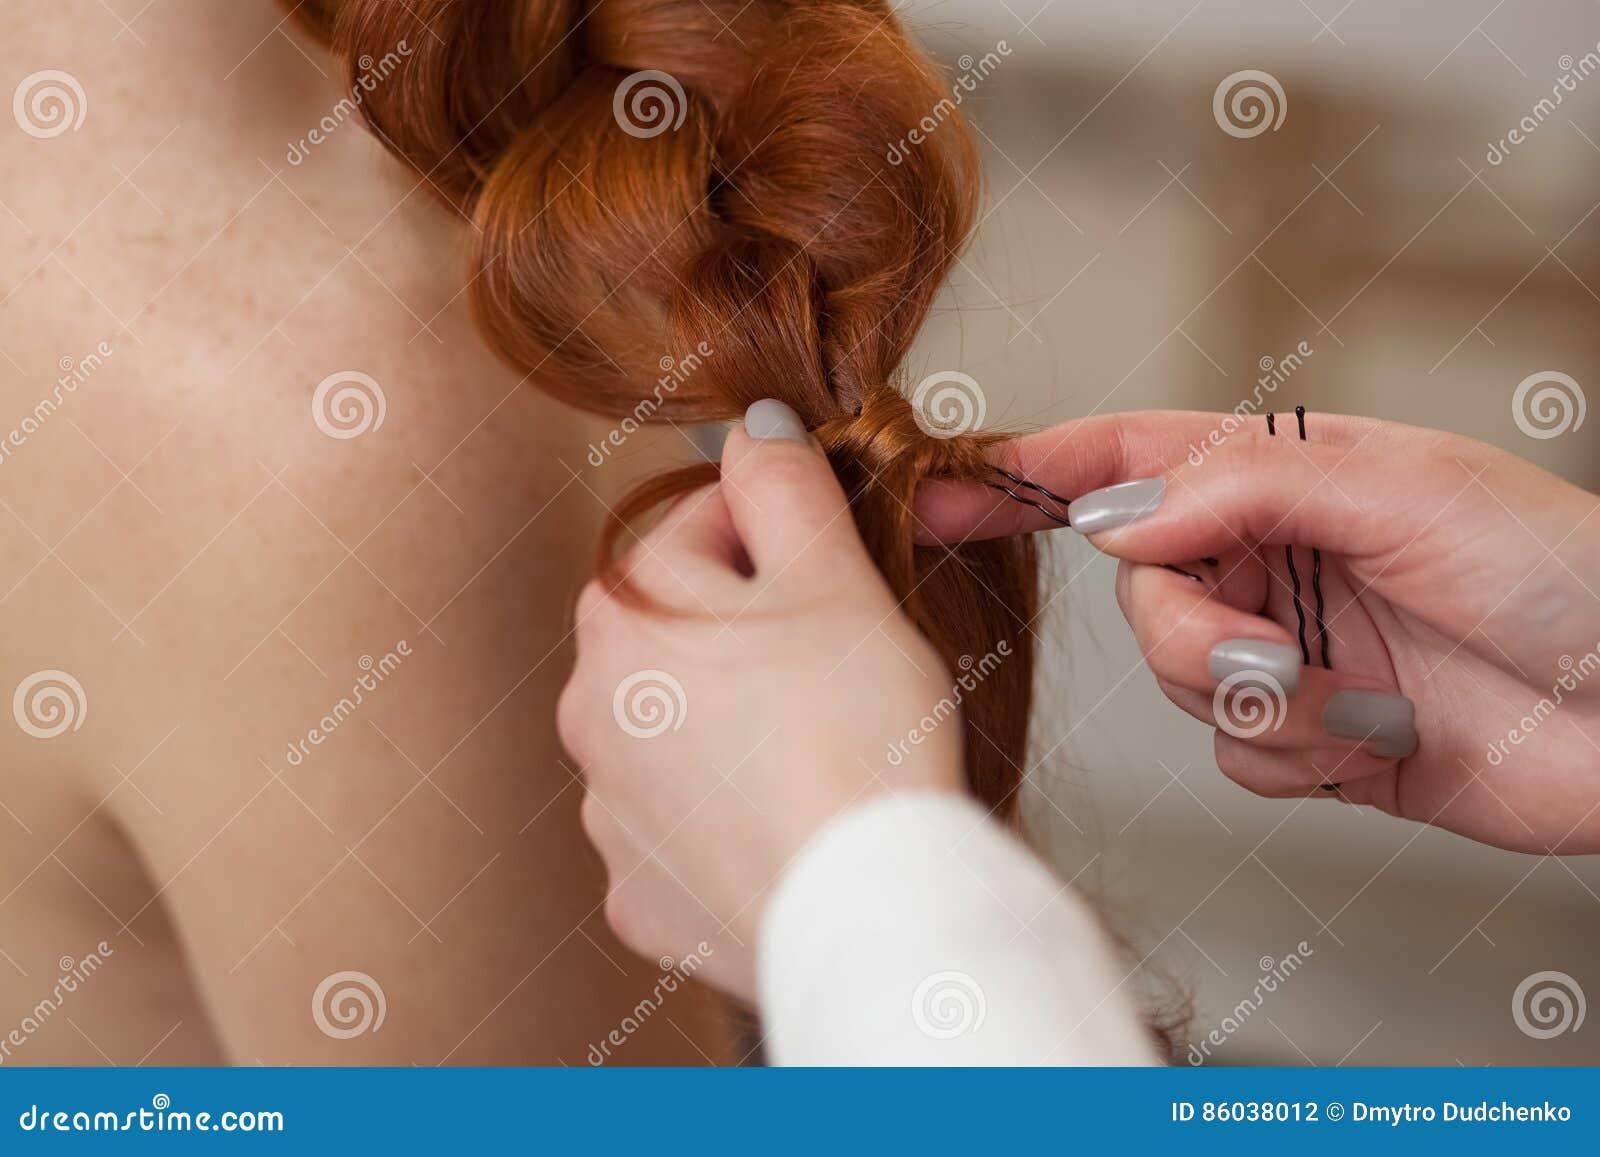 有长的头发的美丽,红发女孩,美发师编织法国辫子,在美容院